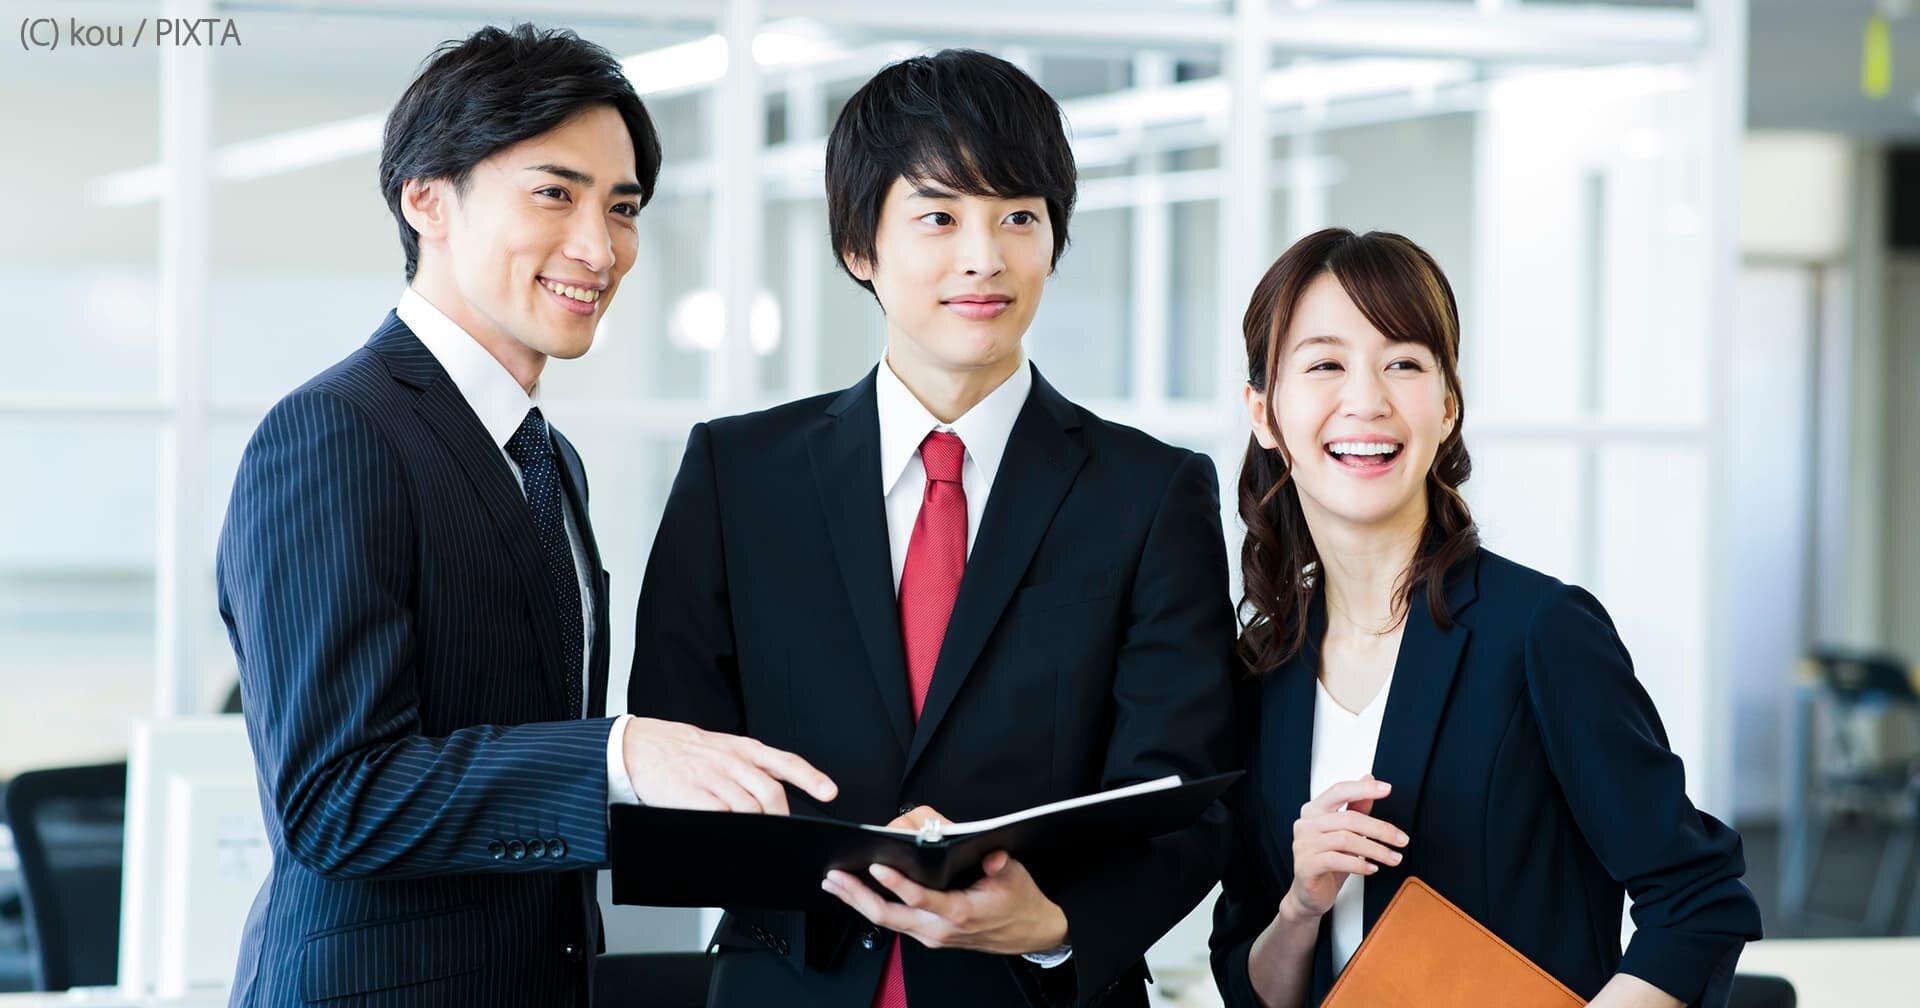 新入社員の指導員に必要なコミュニケーションスキルとは?